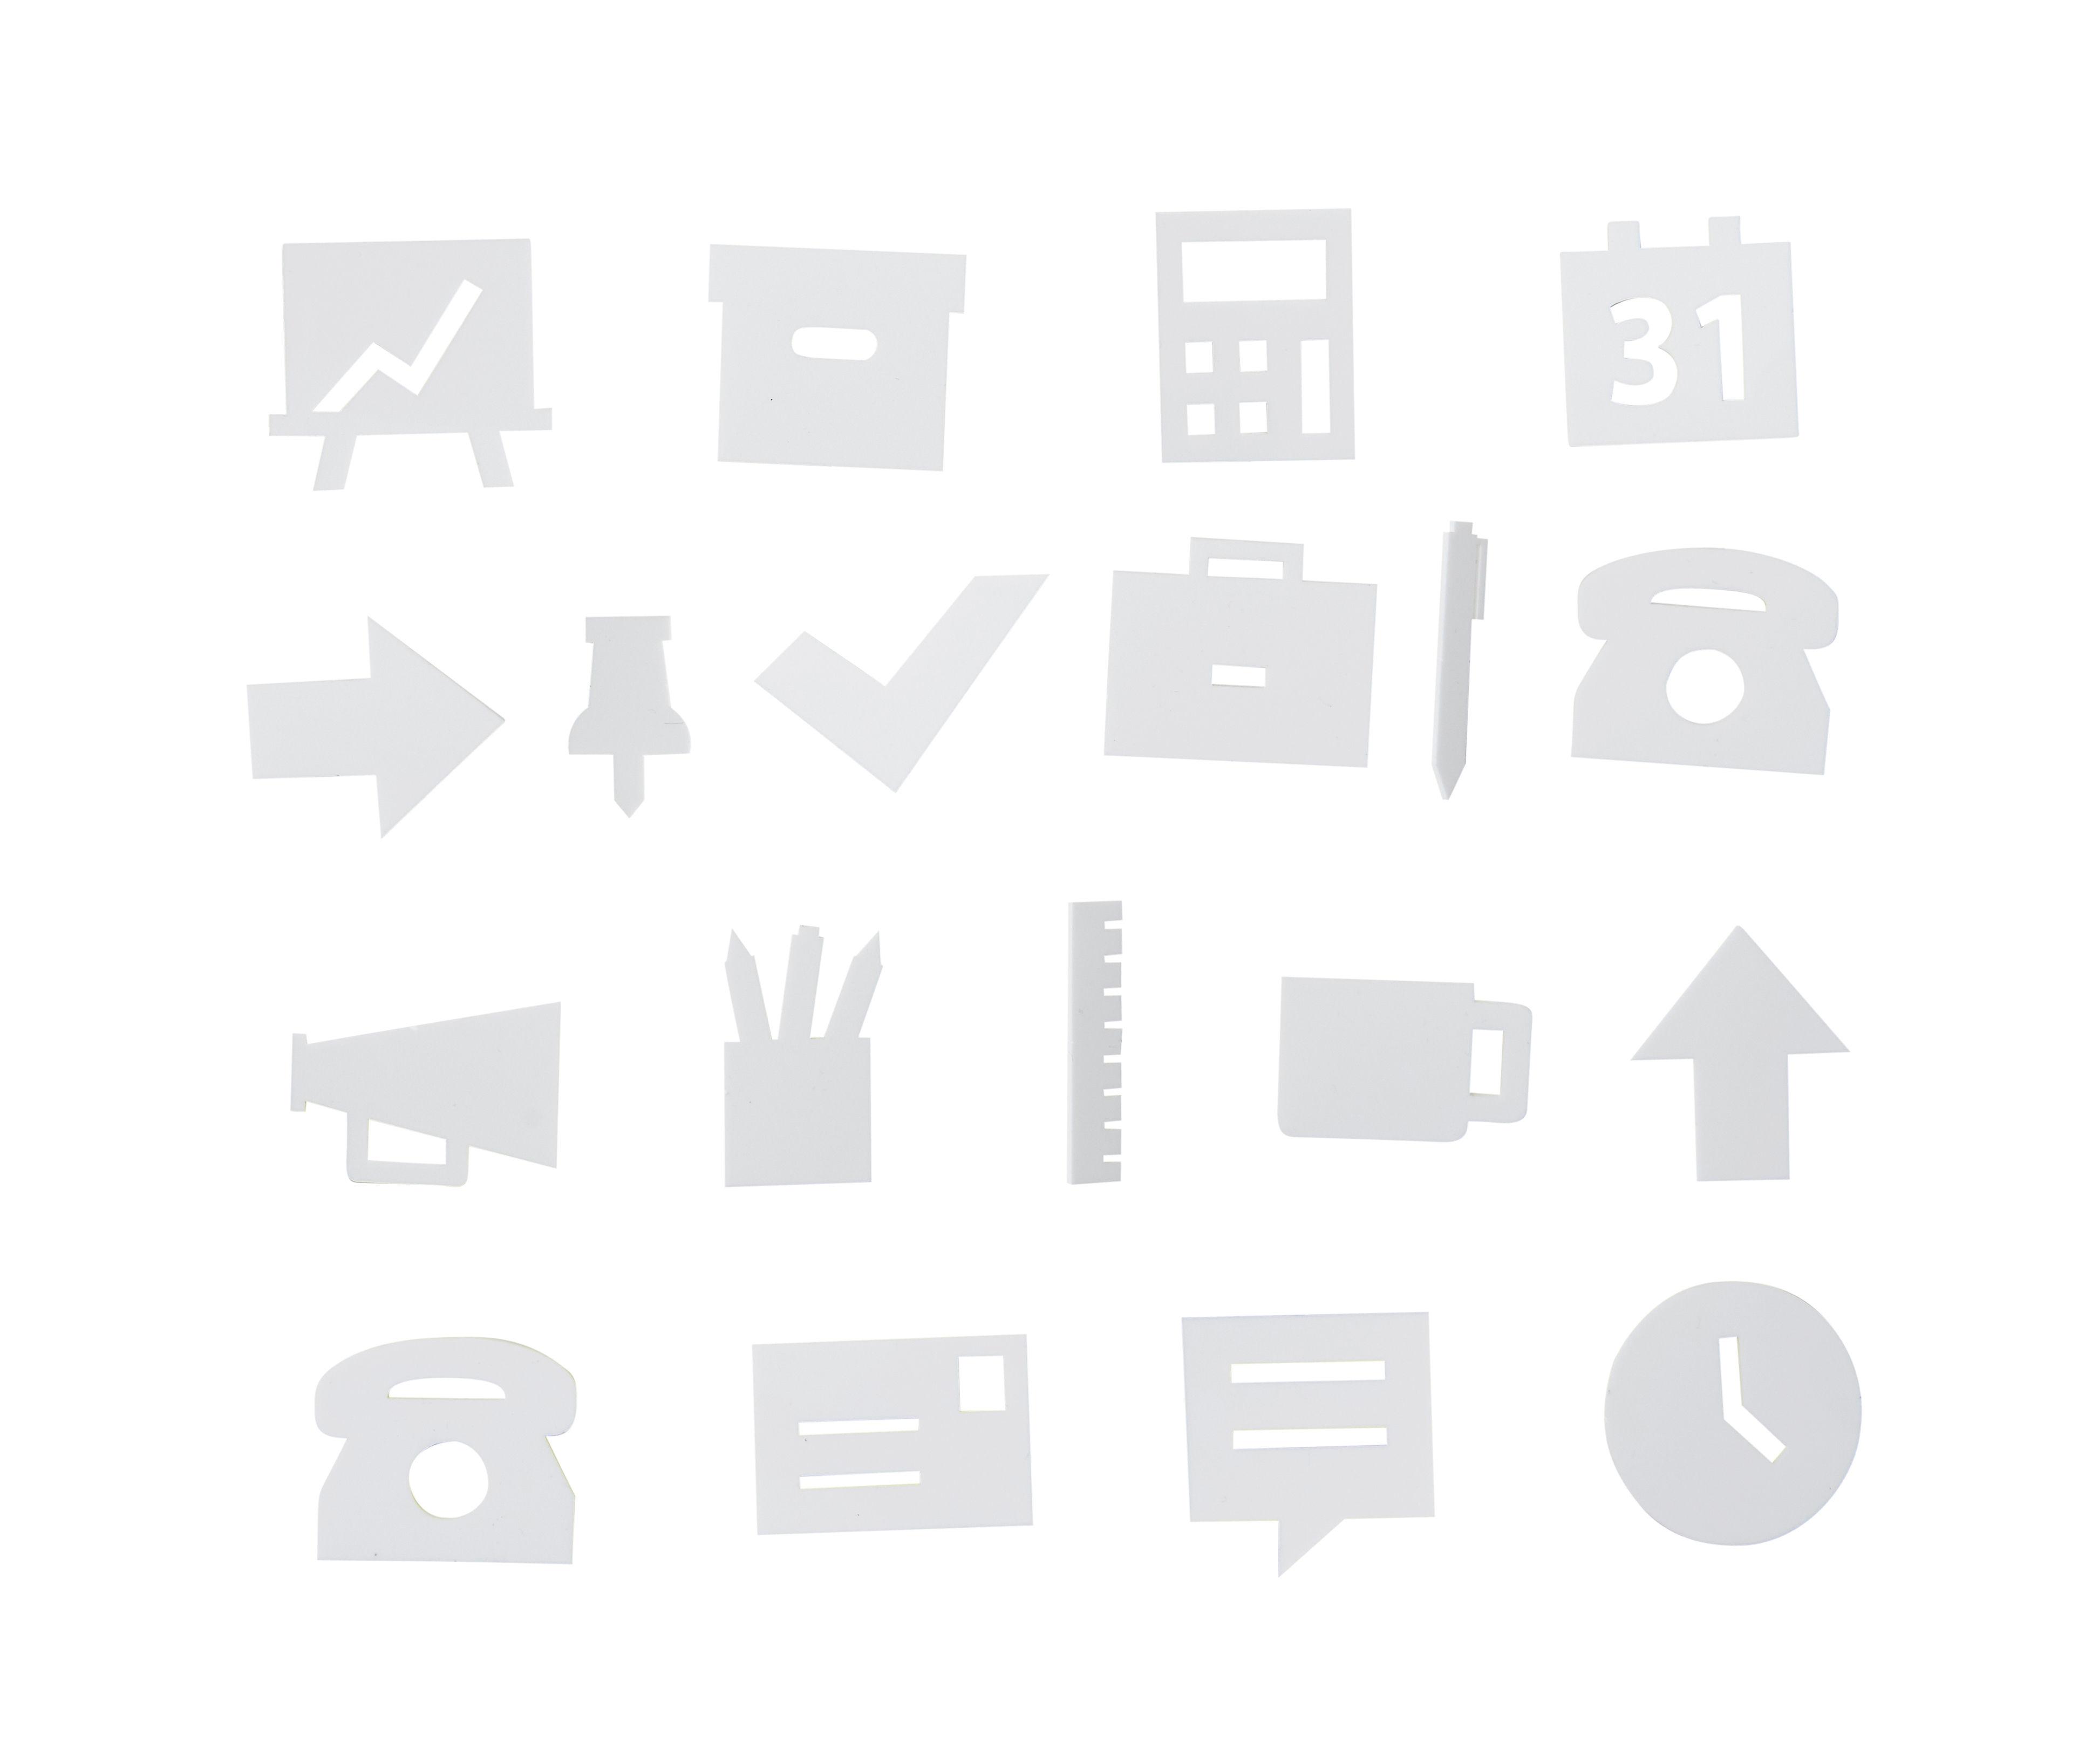 Déco - Mémos, ardoises & calendriers - Set Symboles Office / pour tableau perforé - Design Letters - Blanc - ABS, Polyméthacrylate de méthyle